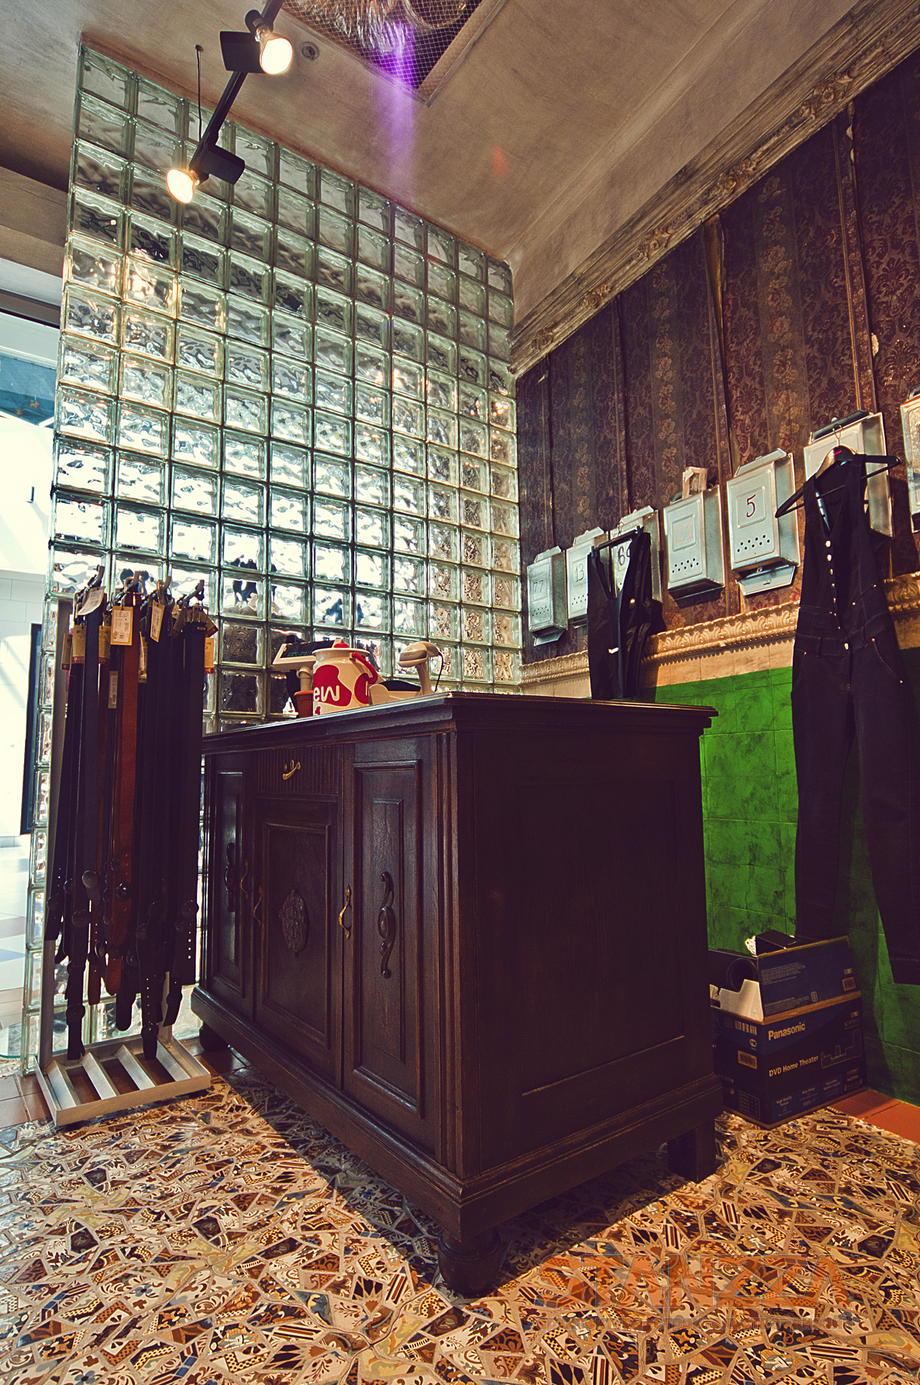 Kulttovary La Tienda De Ropa Stanzza Dise O De Interior  # Muebles Para Ropa